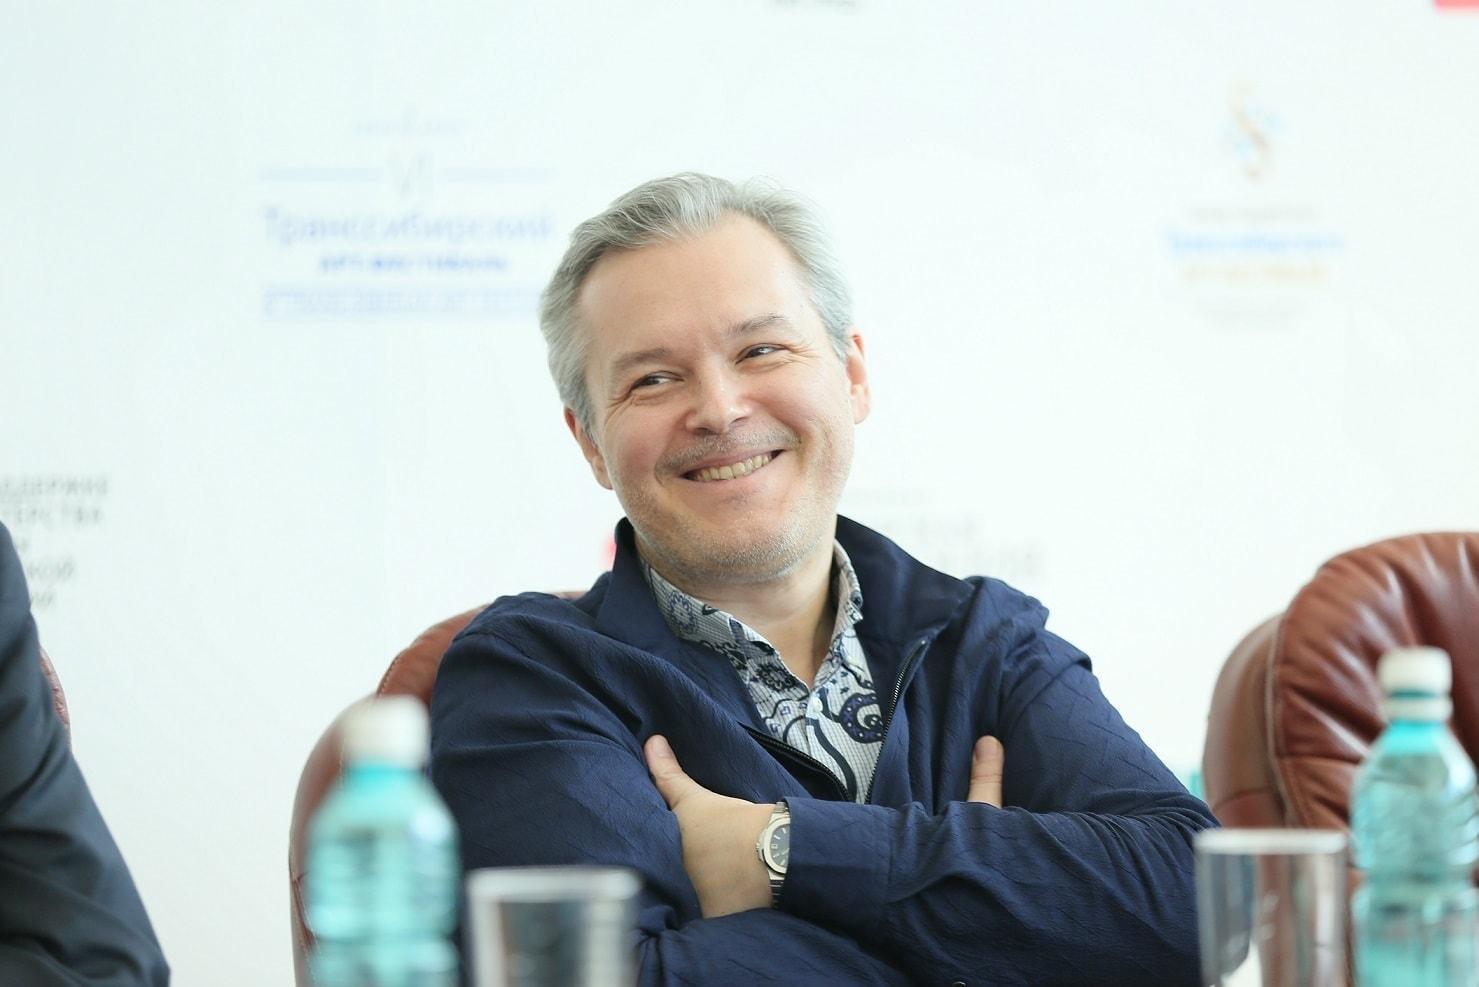 Вадим Репин. Фото - Ирина Шымчак